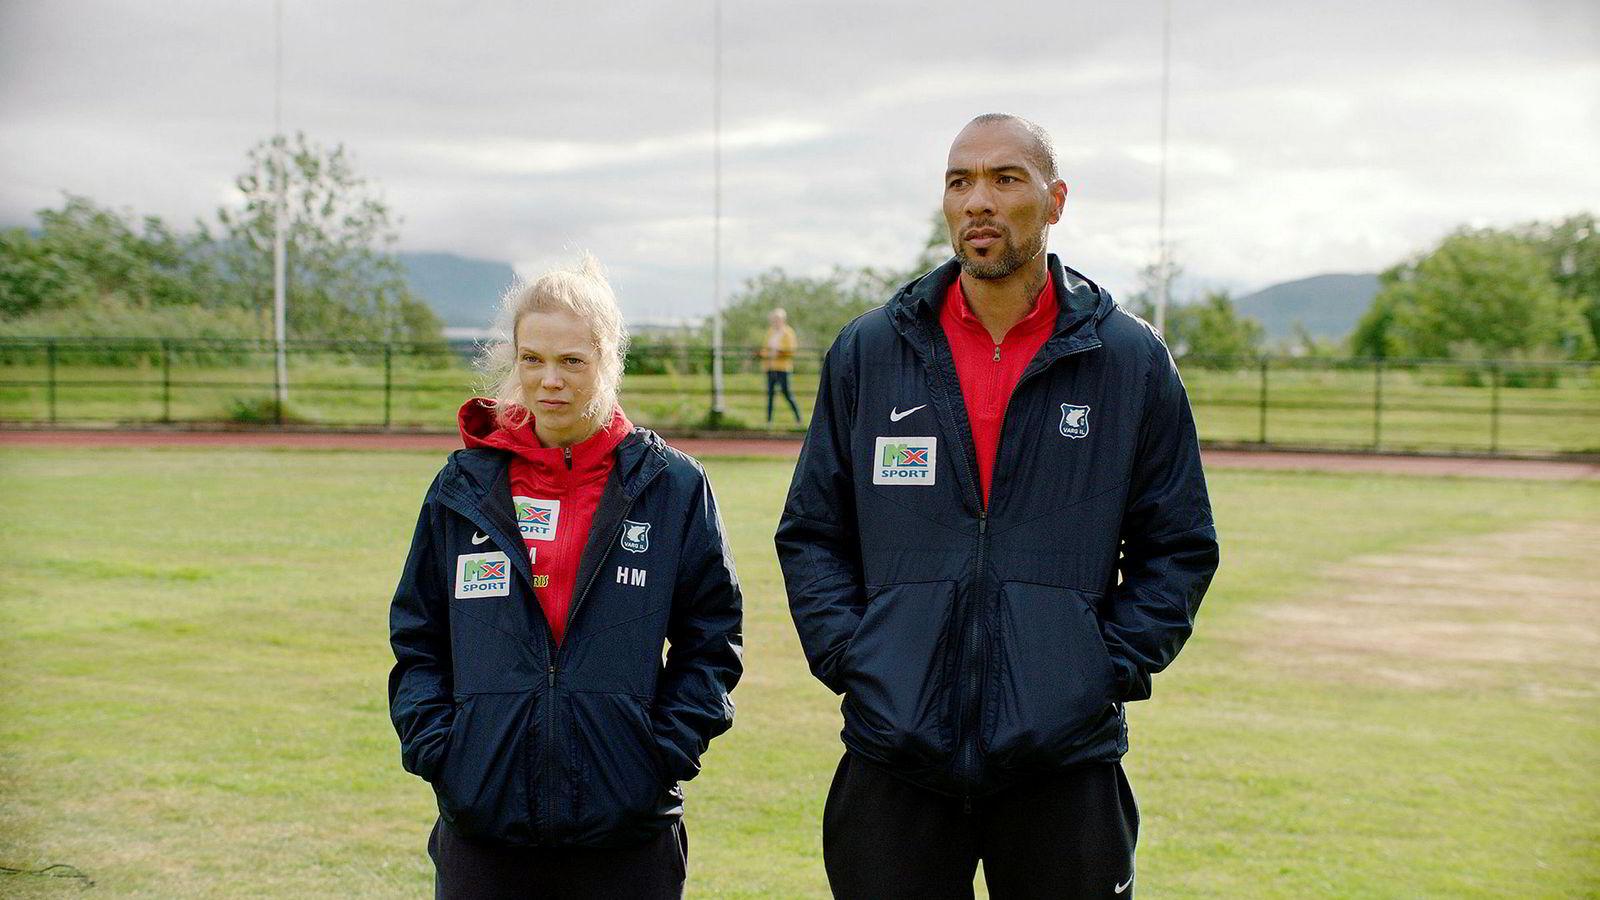 Søndag hadde sesong to av «Heimebane» premiere. Ane Dahl Torp spiller hovedrollen som Vargs fotballtrener Helena Mikkelsen, mens John Carew spiller assistenttrener Michael Ellingsen.